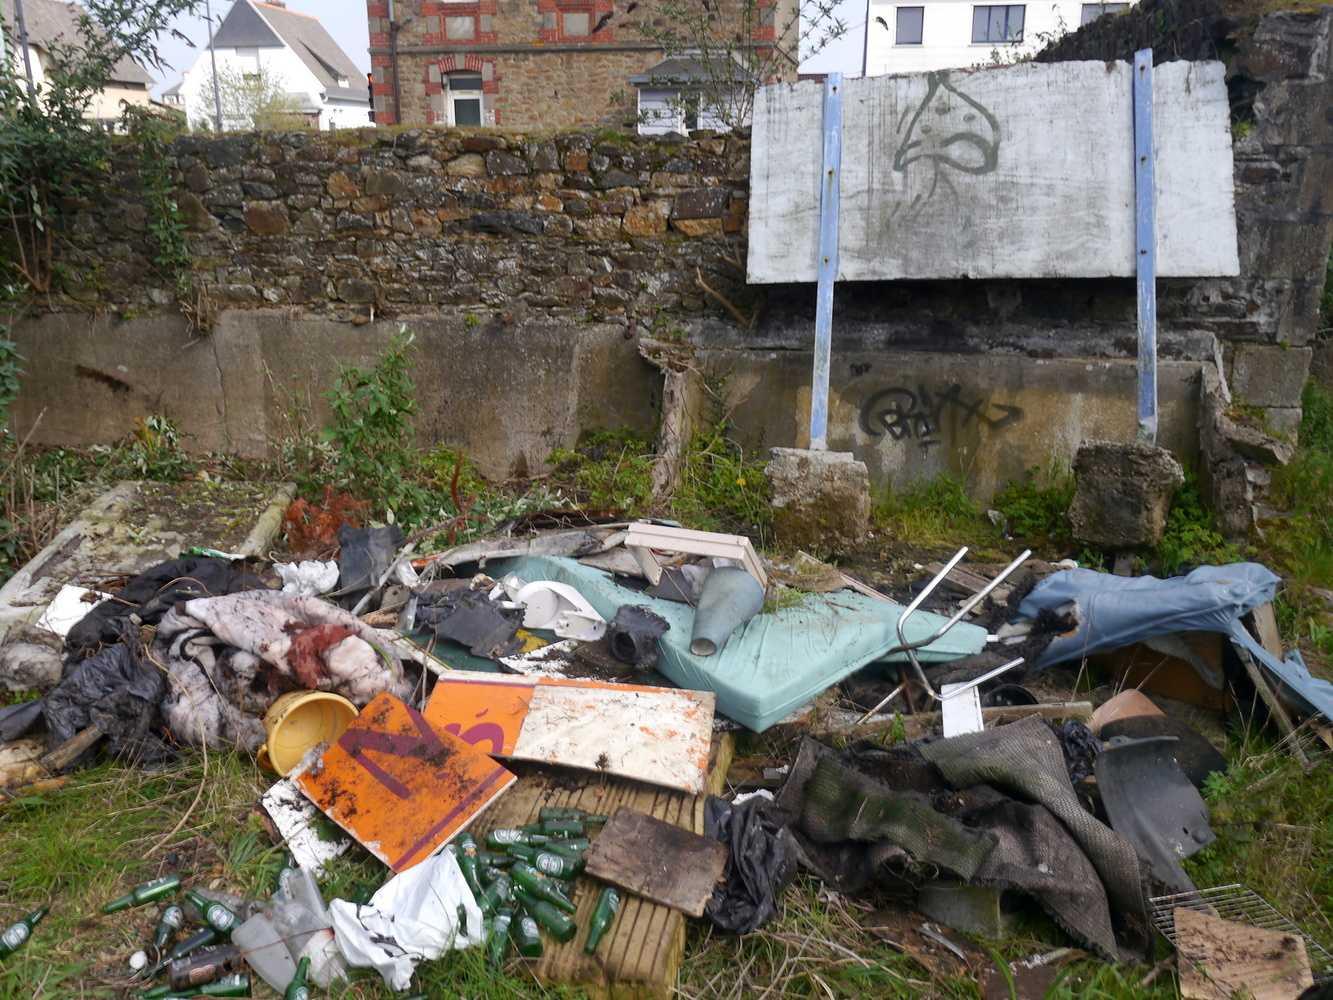 Collecte de déchets dans le quartier 0